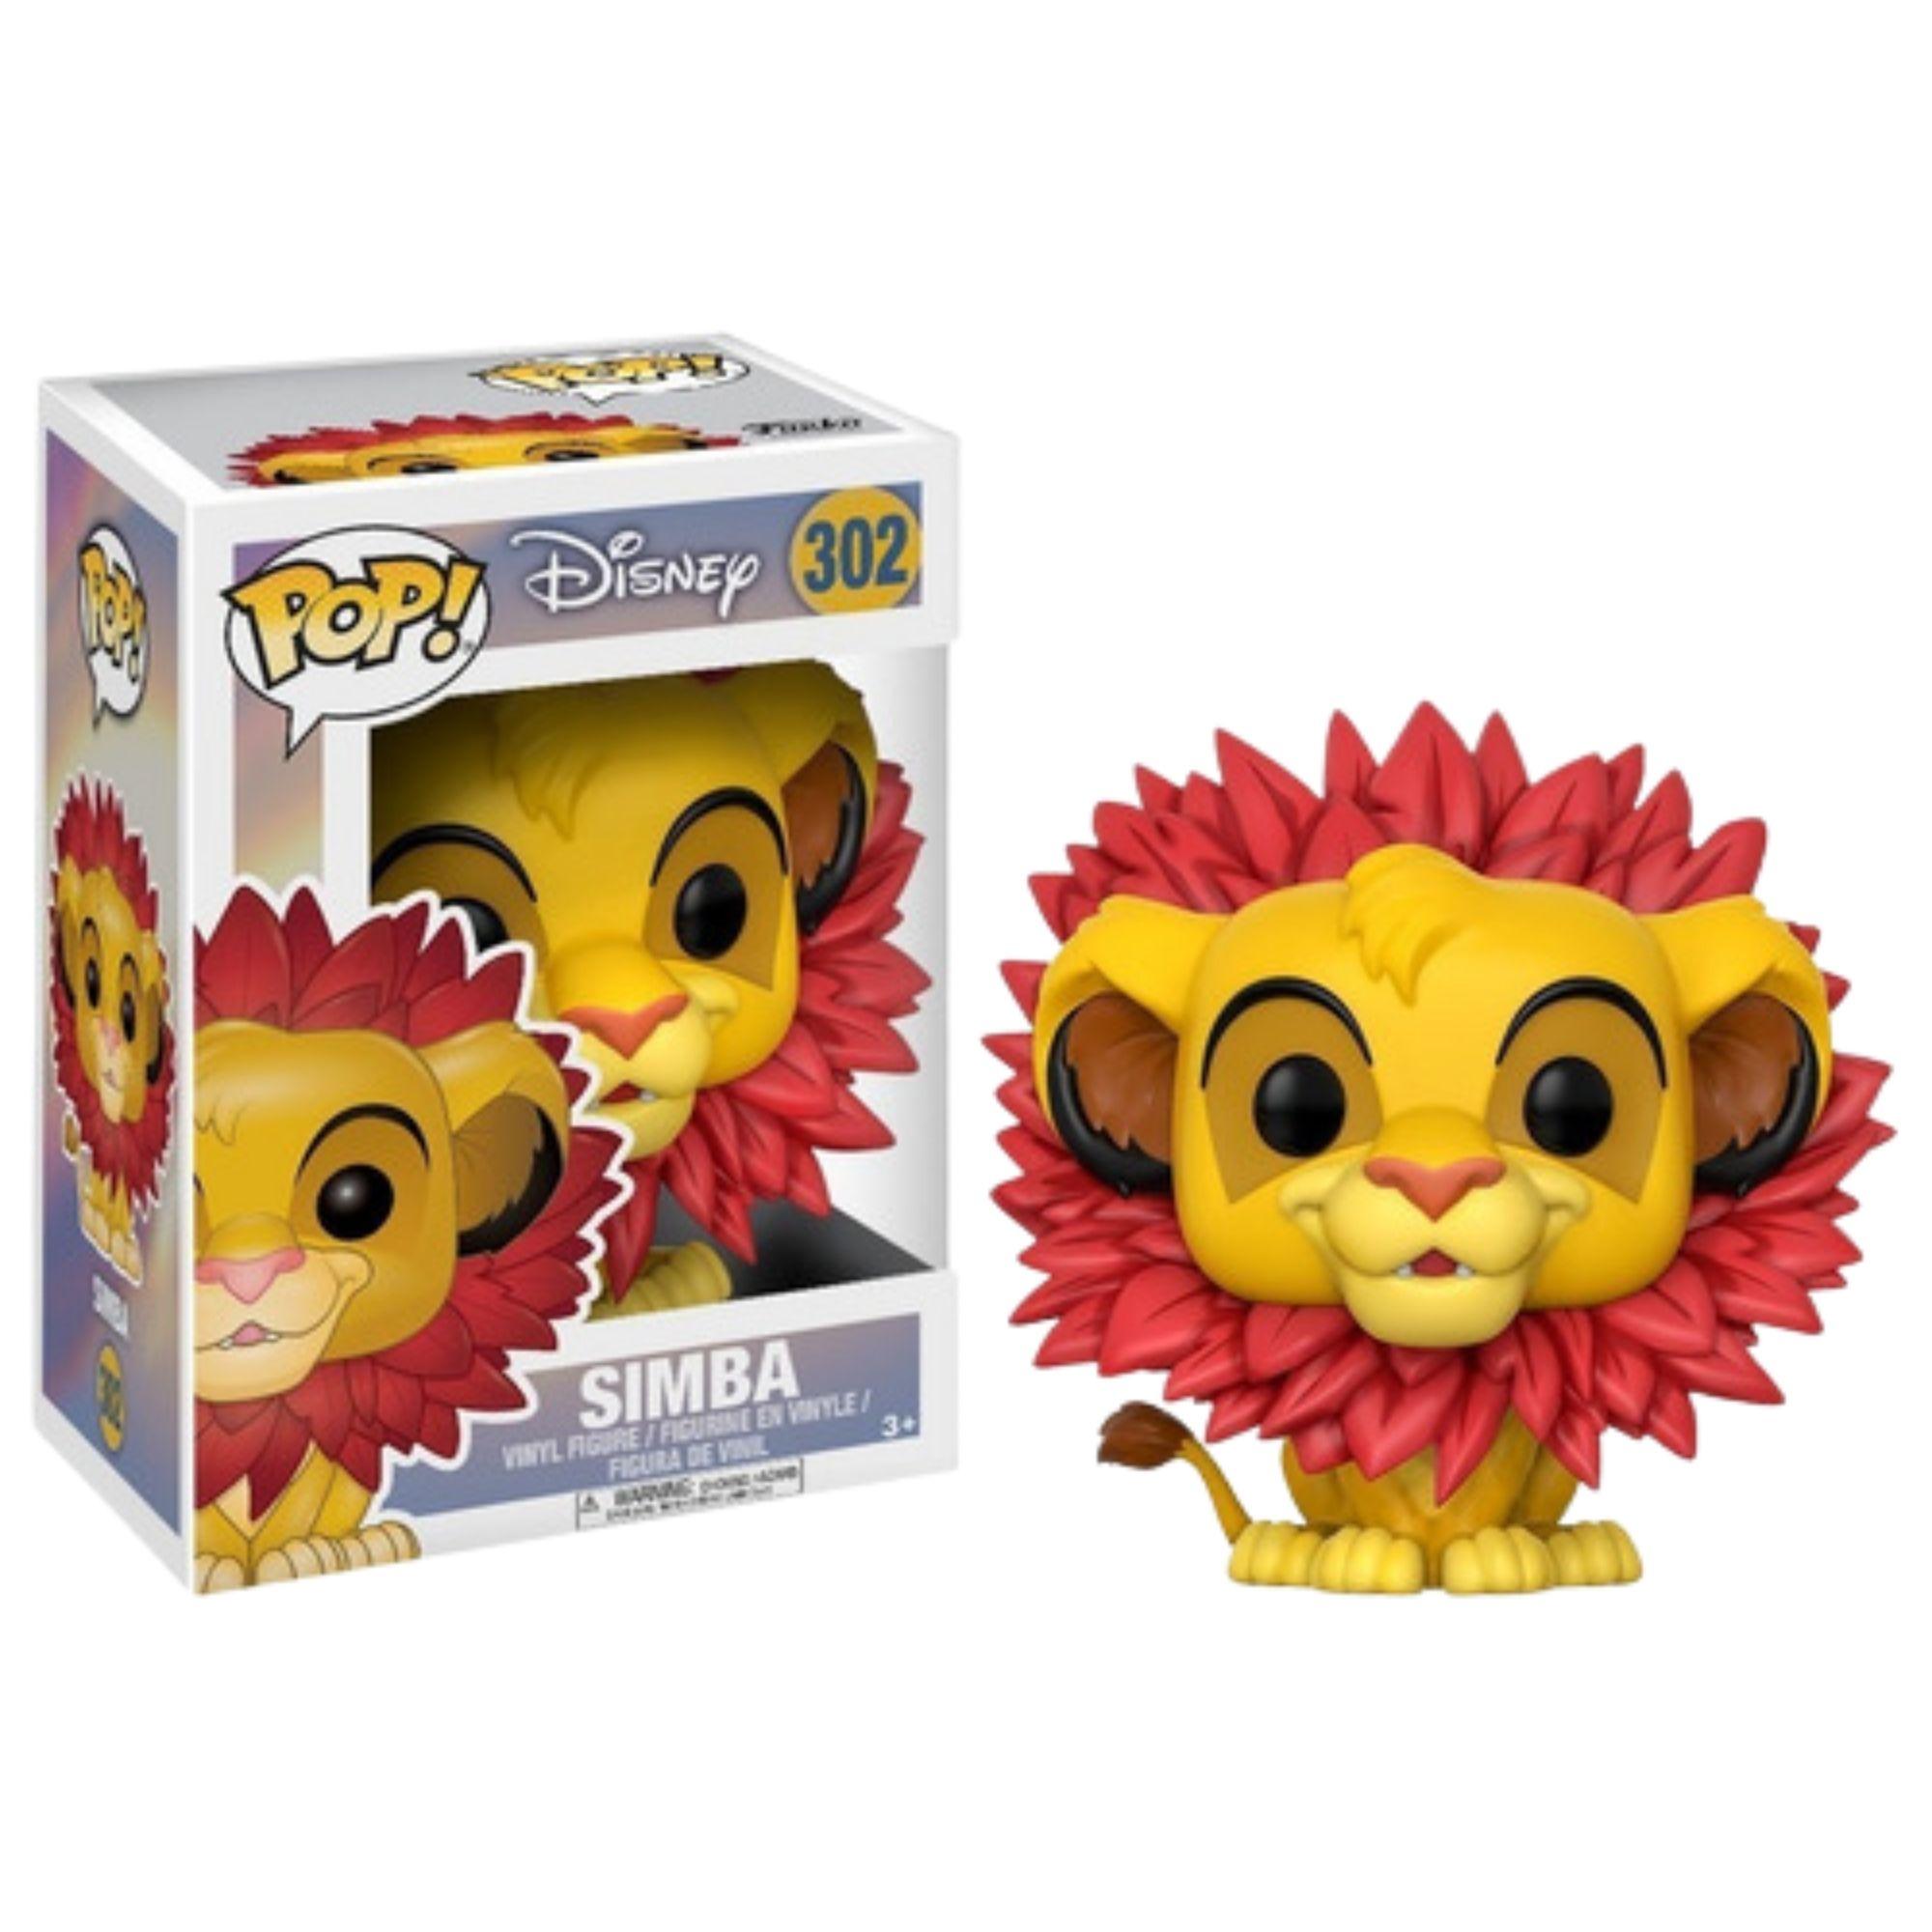 Funko Pop Rei Leão Simba Disney #302  - Game Land Brinquedos